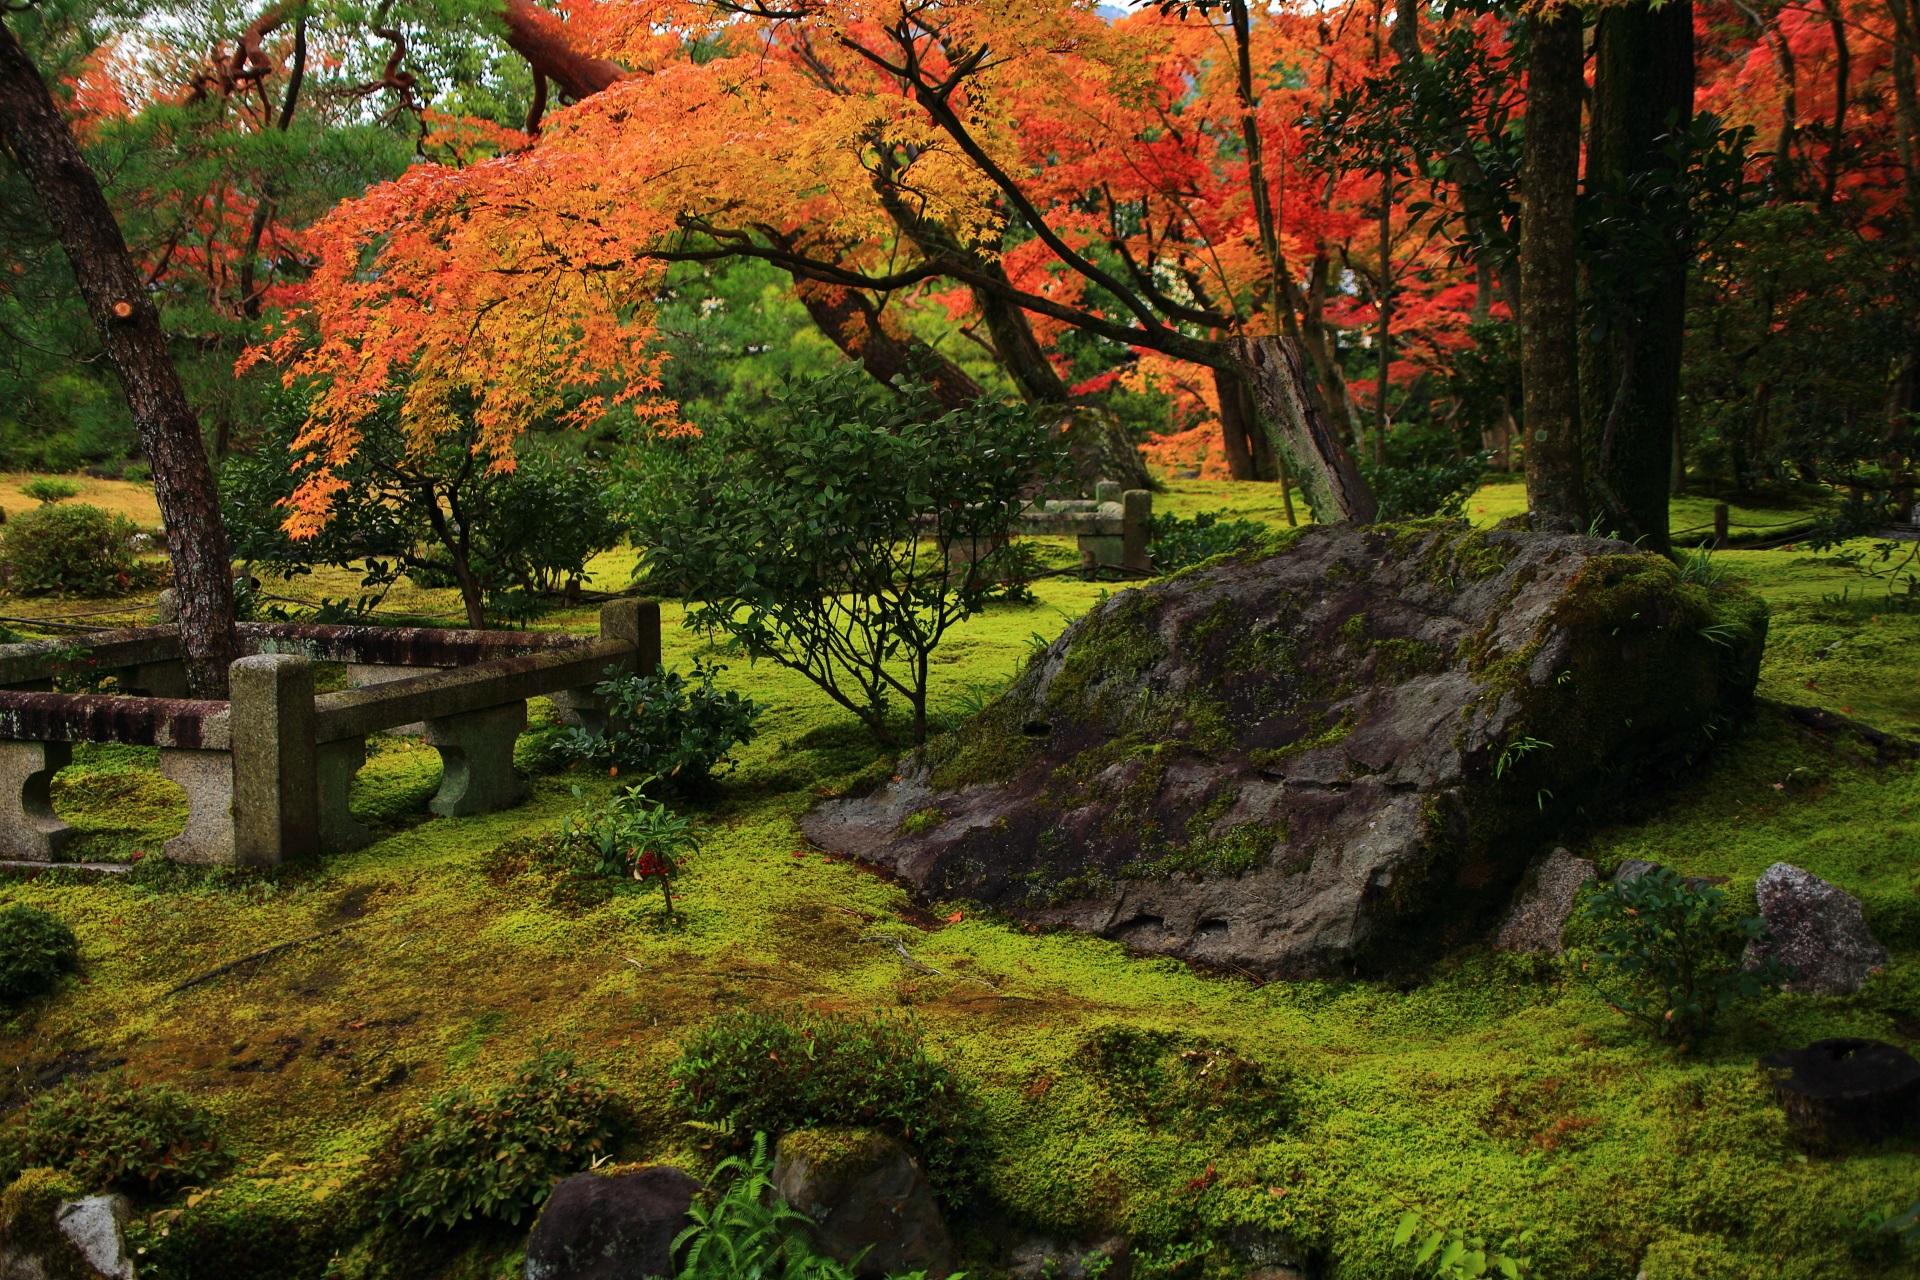 風情の中にも華やかさが感じられる秋の無鄰菴